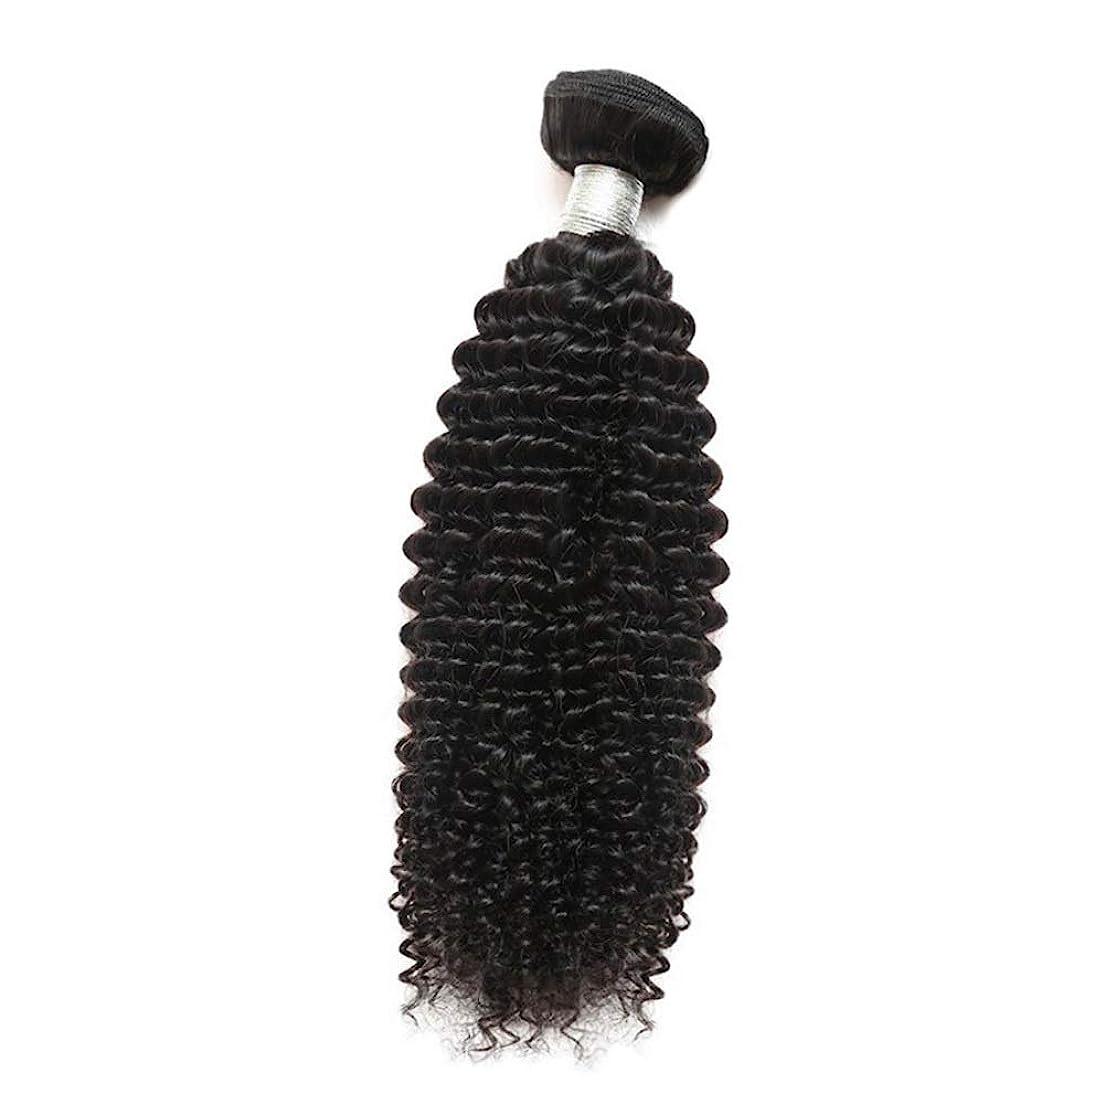 多様体果てしない飼い慣らすYESONEEP 女性のその他の特徴巻き毛人間の髪1バンドルアフリカの小さな巻き毛織り100%未処理のバージン人間の毛髪の合成髪レースかつらロールプレイングかつらストレートシリンダーショートスタイル女性自然 (色 : 黒, サイズ : 24 inch)